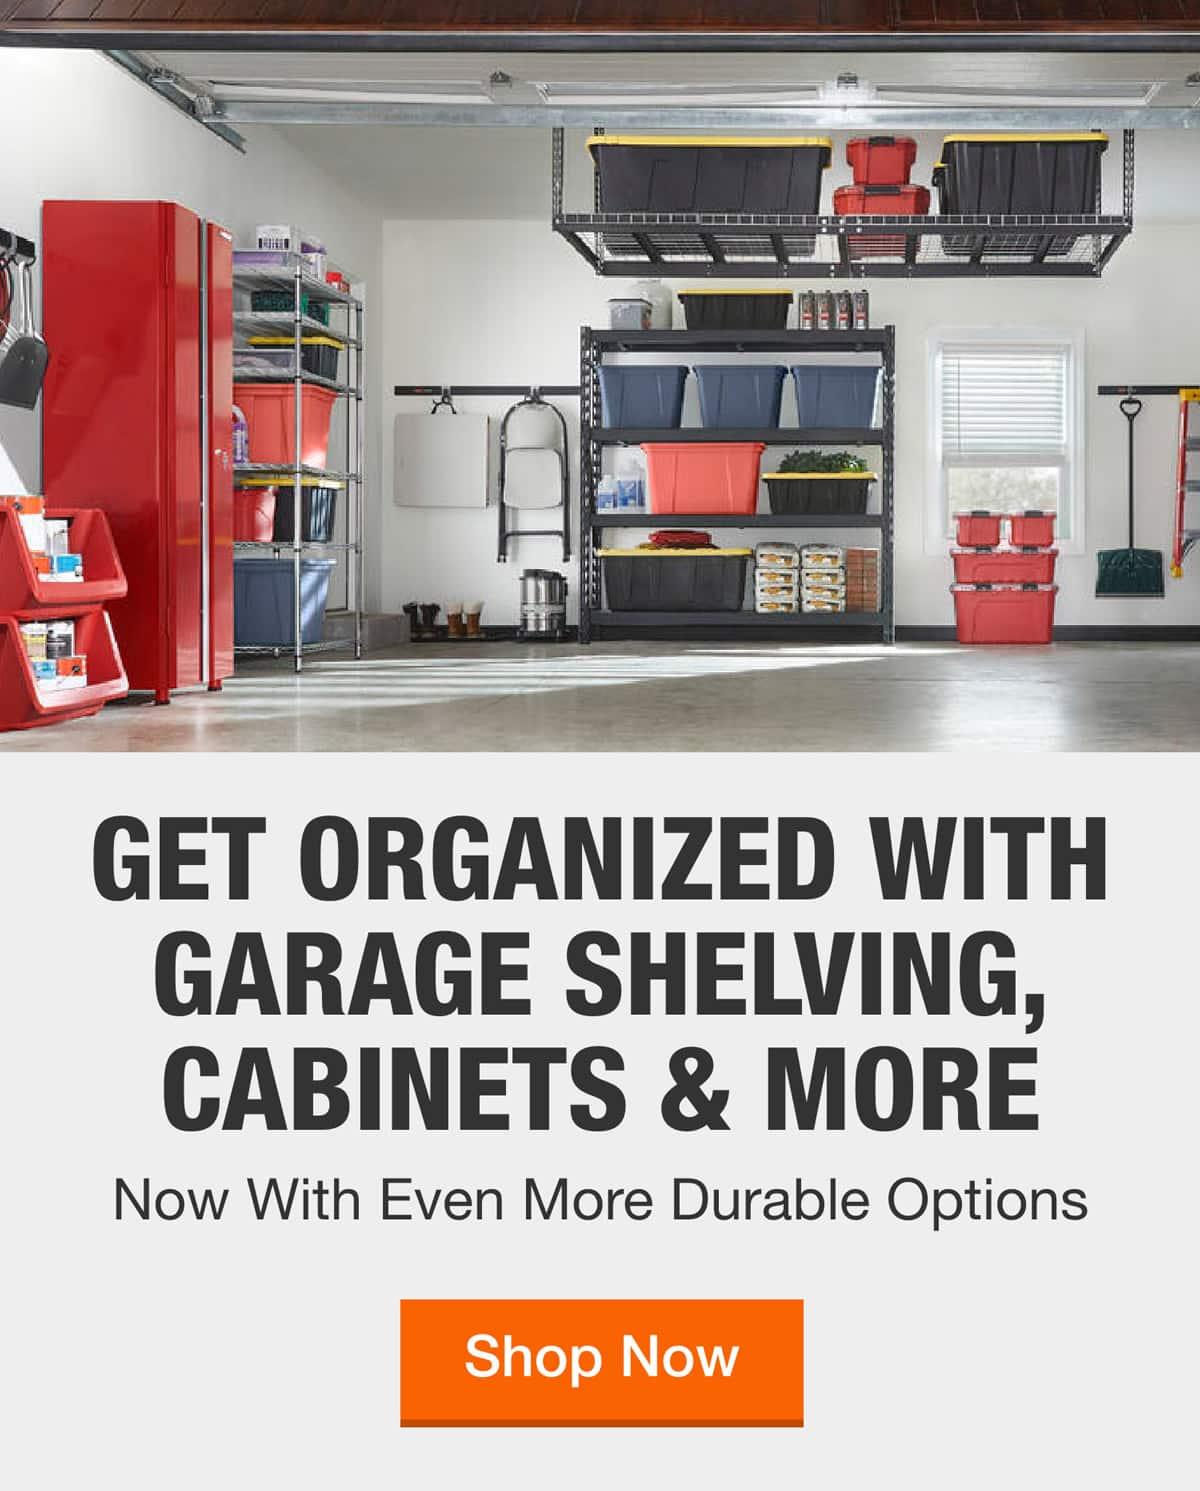 Garage Storage The Home Depot, Garage Tool Storage Ideas Home Depot